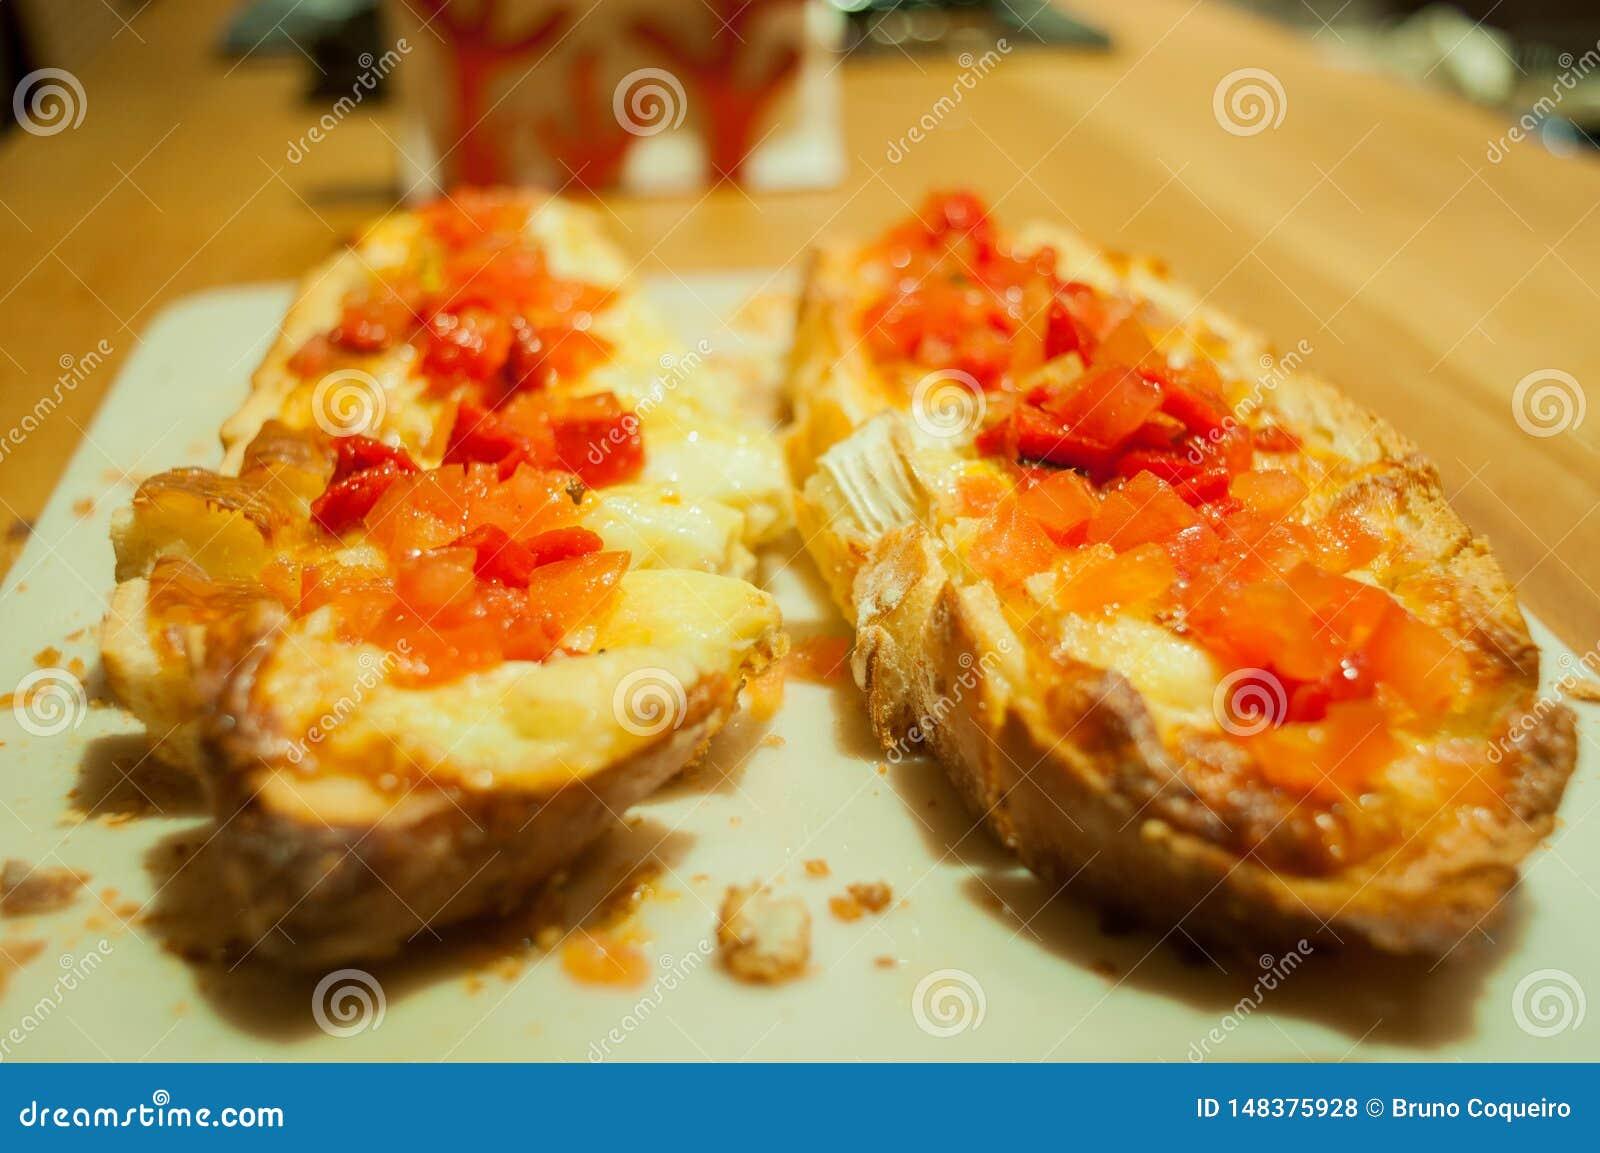 Dubbel brusqueta med italienska tomater och ost, p? tabellen, ?gonsikt